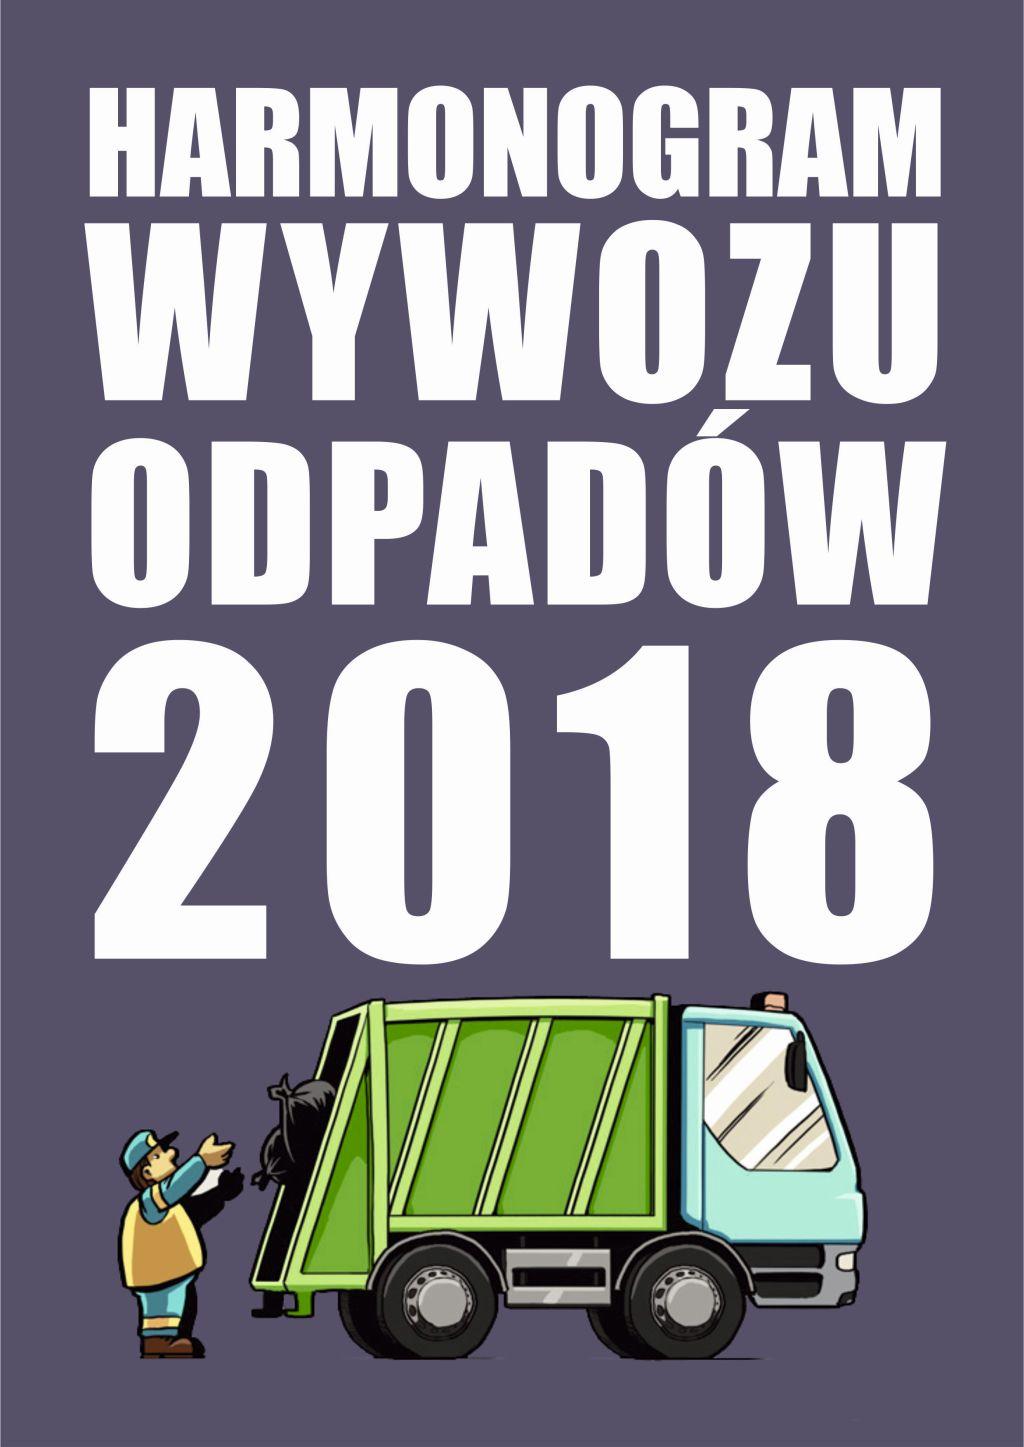 Harmonogram wywozu odpadów 2018